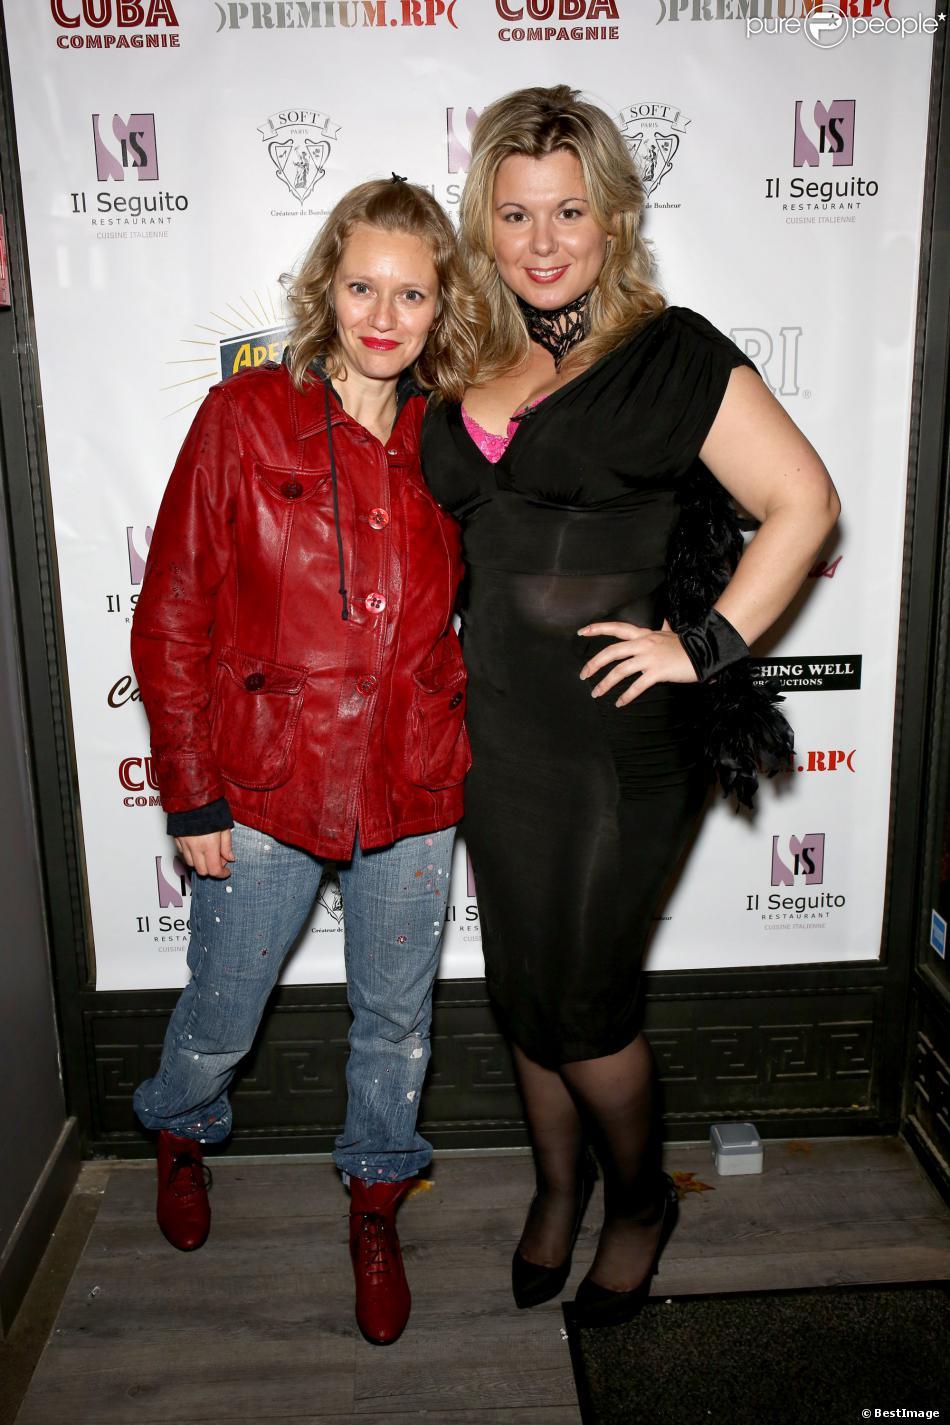 """Exclu - Cindy Lopes et Magalie Madison au restaurant Il Seguito à Paris, le 7 novembre 2013, lors de la soirée """"Cindy Lopes cuisine pour vous"""""""